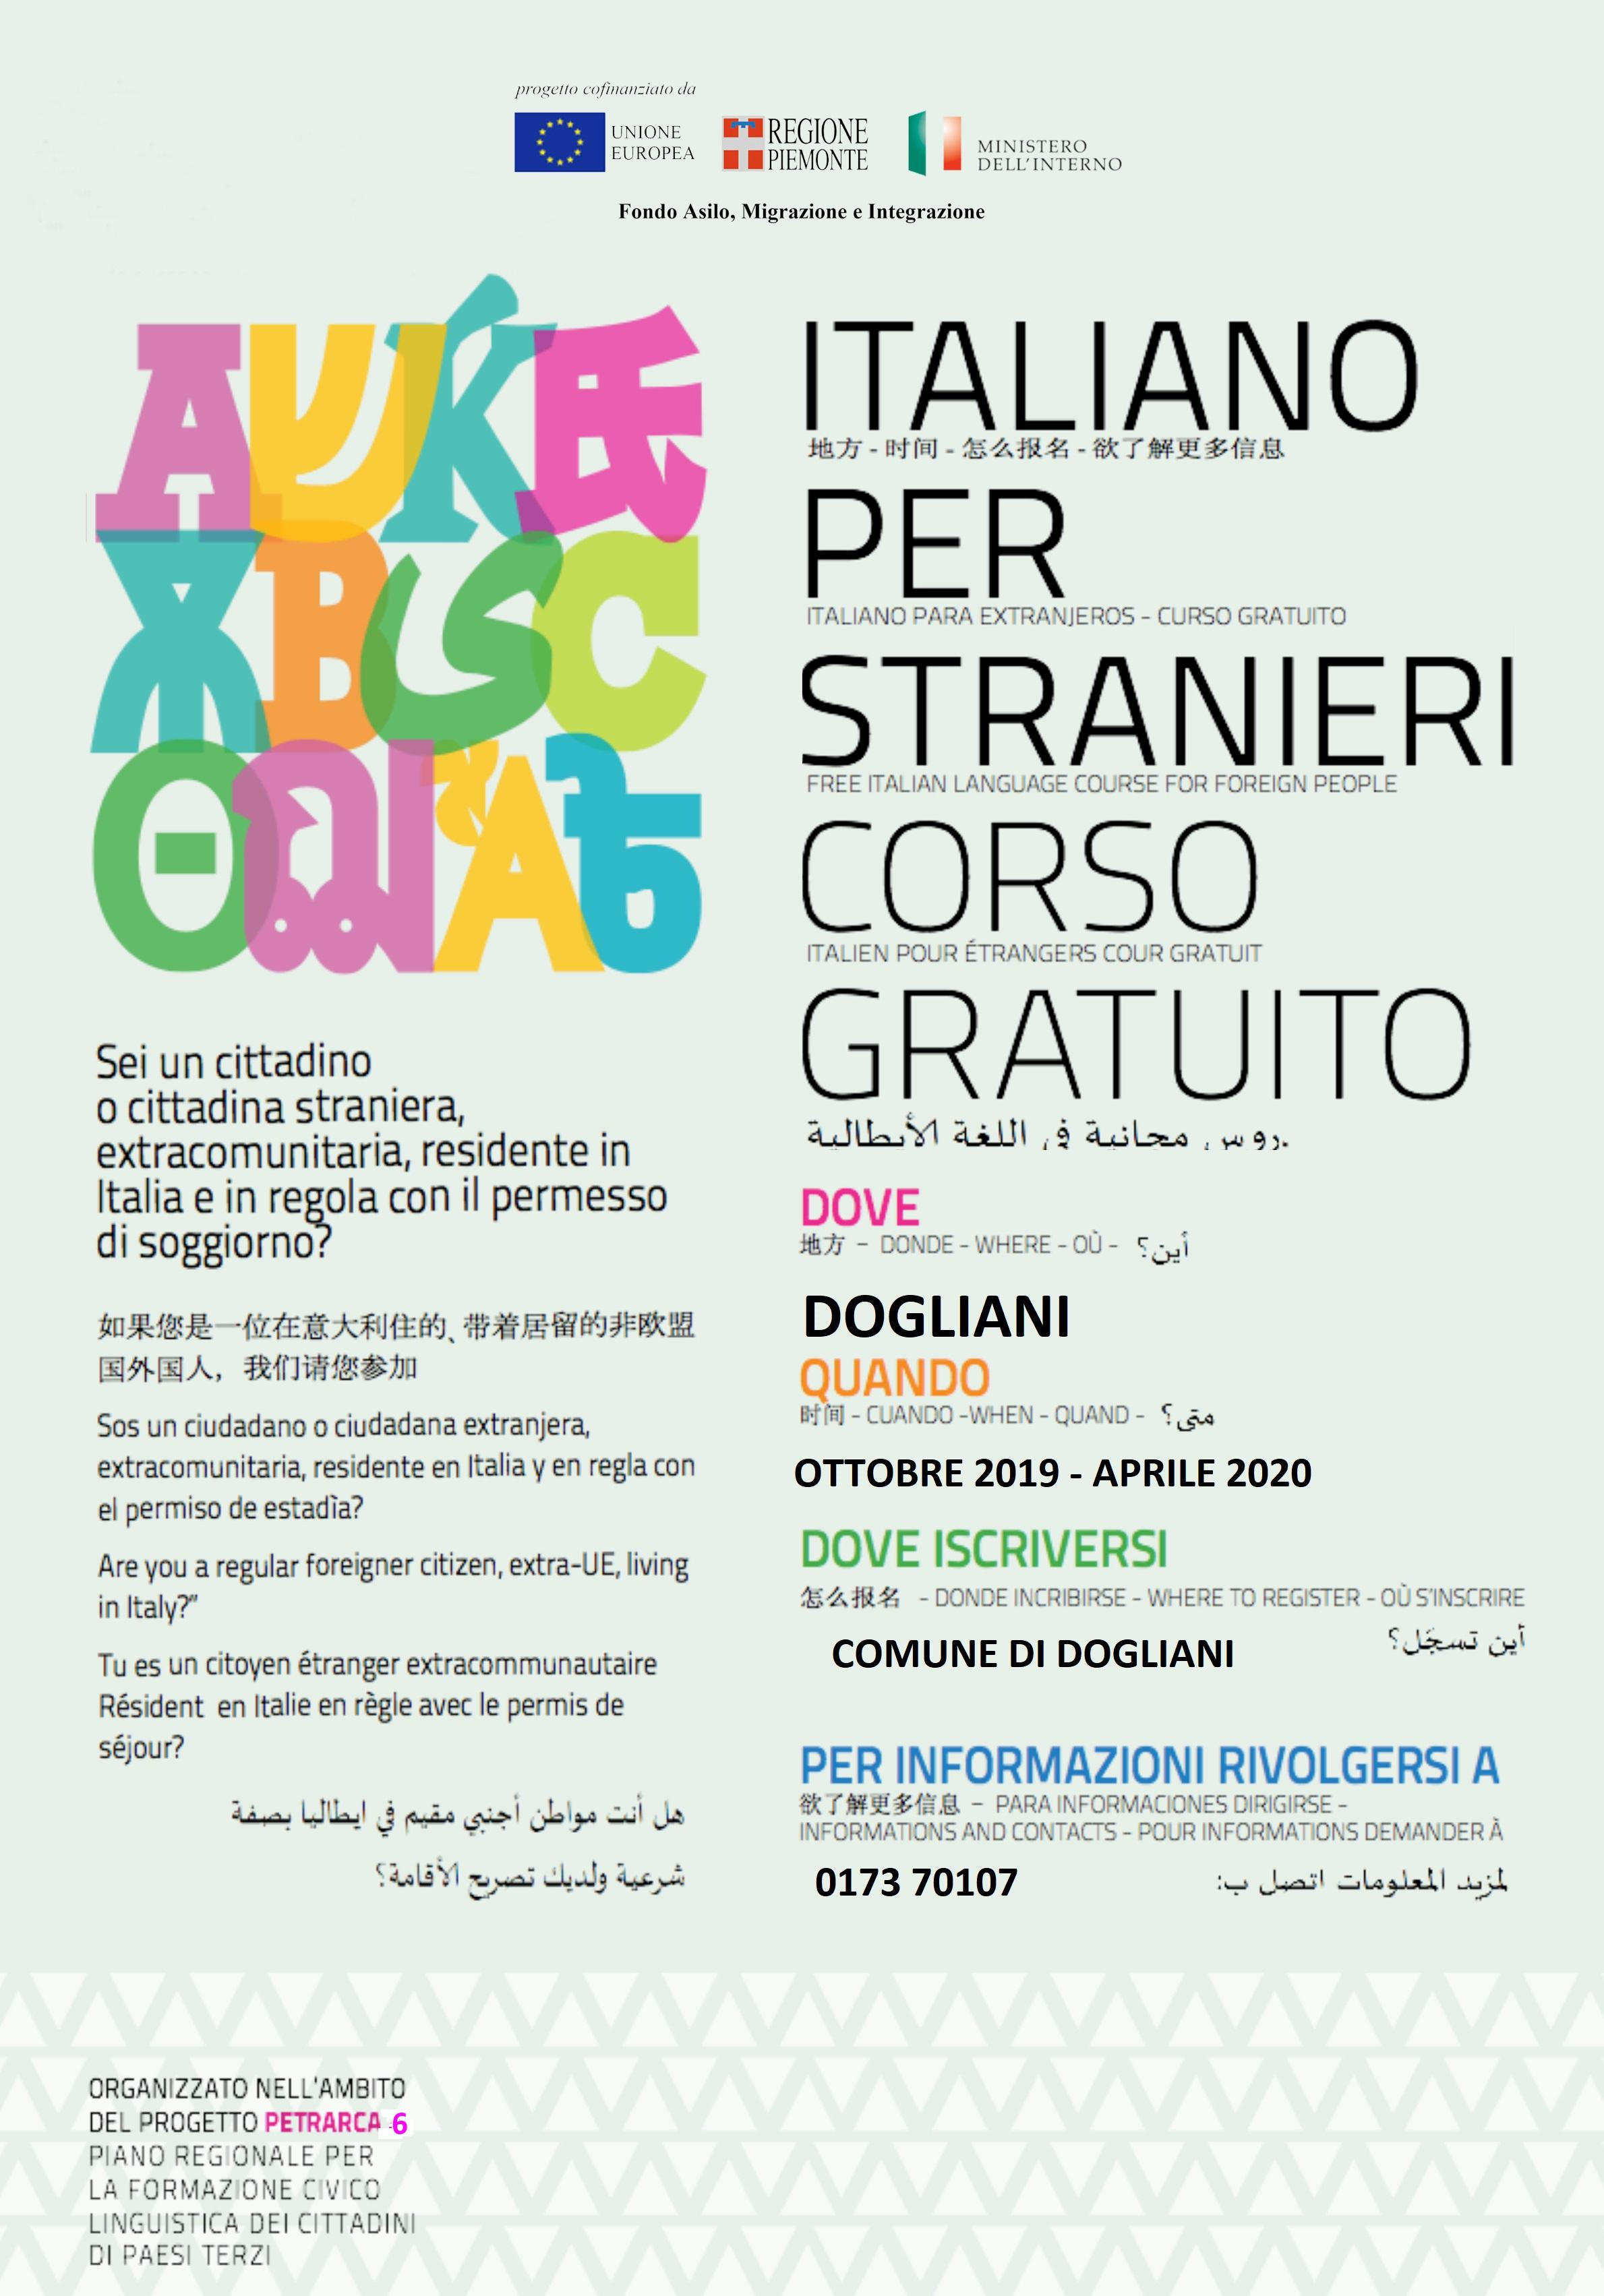 Corso Di Italiano Per Stranieri Comune Di Dogliani